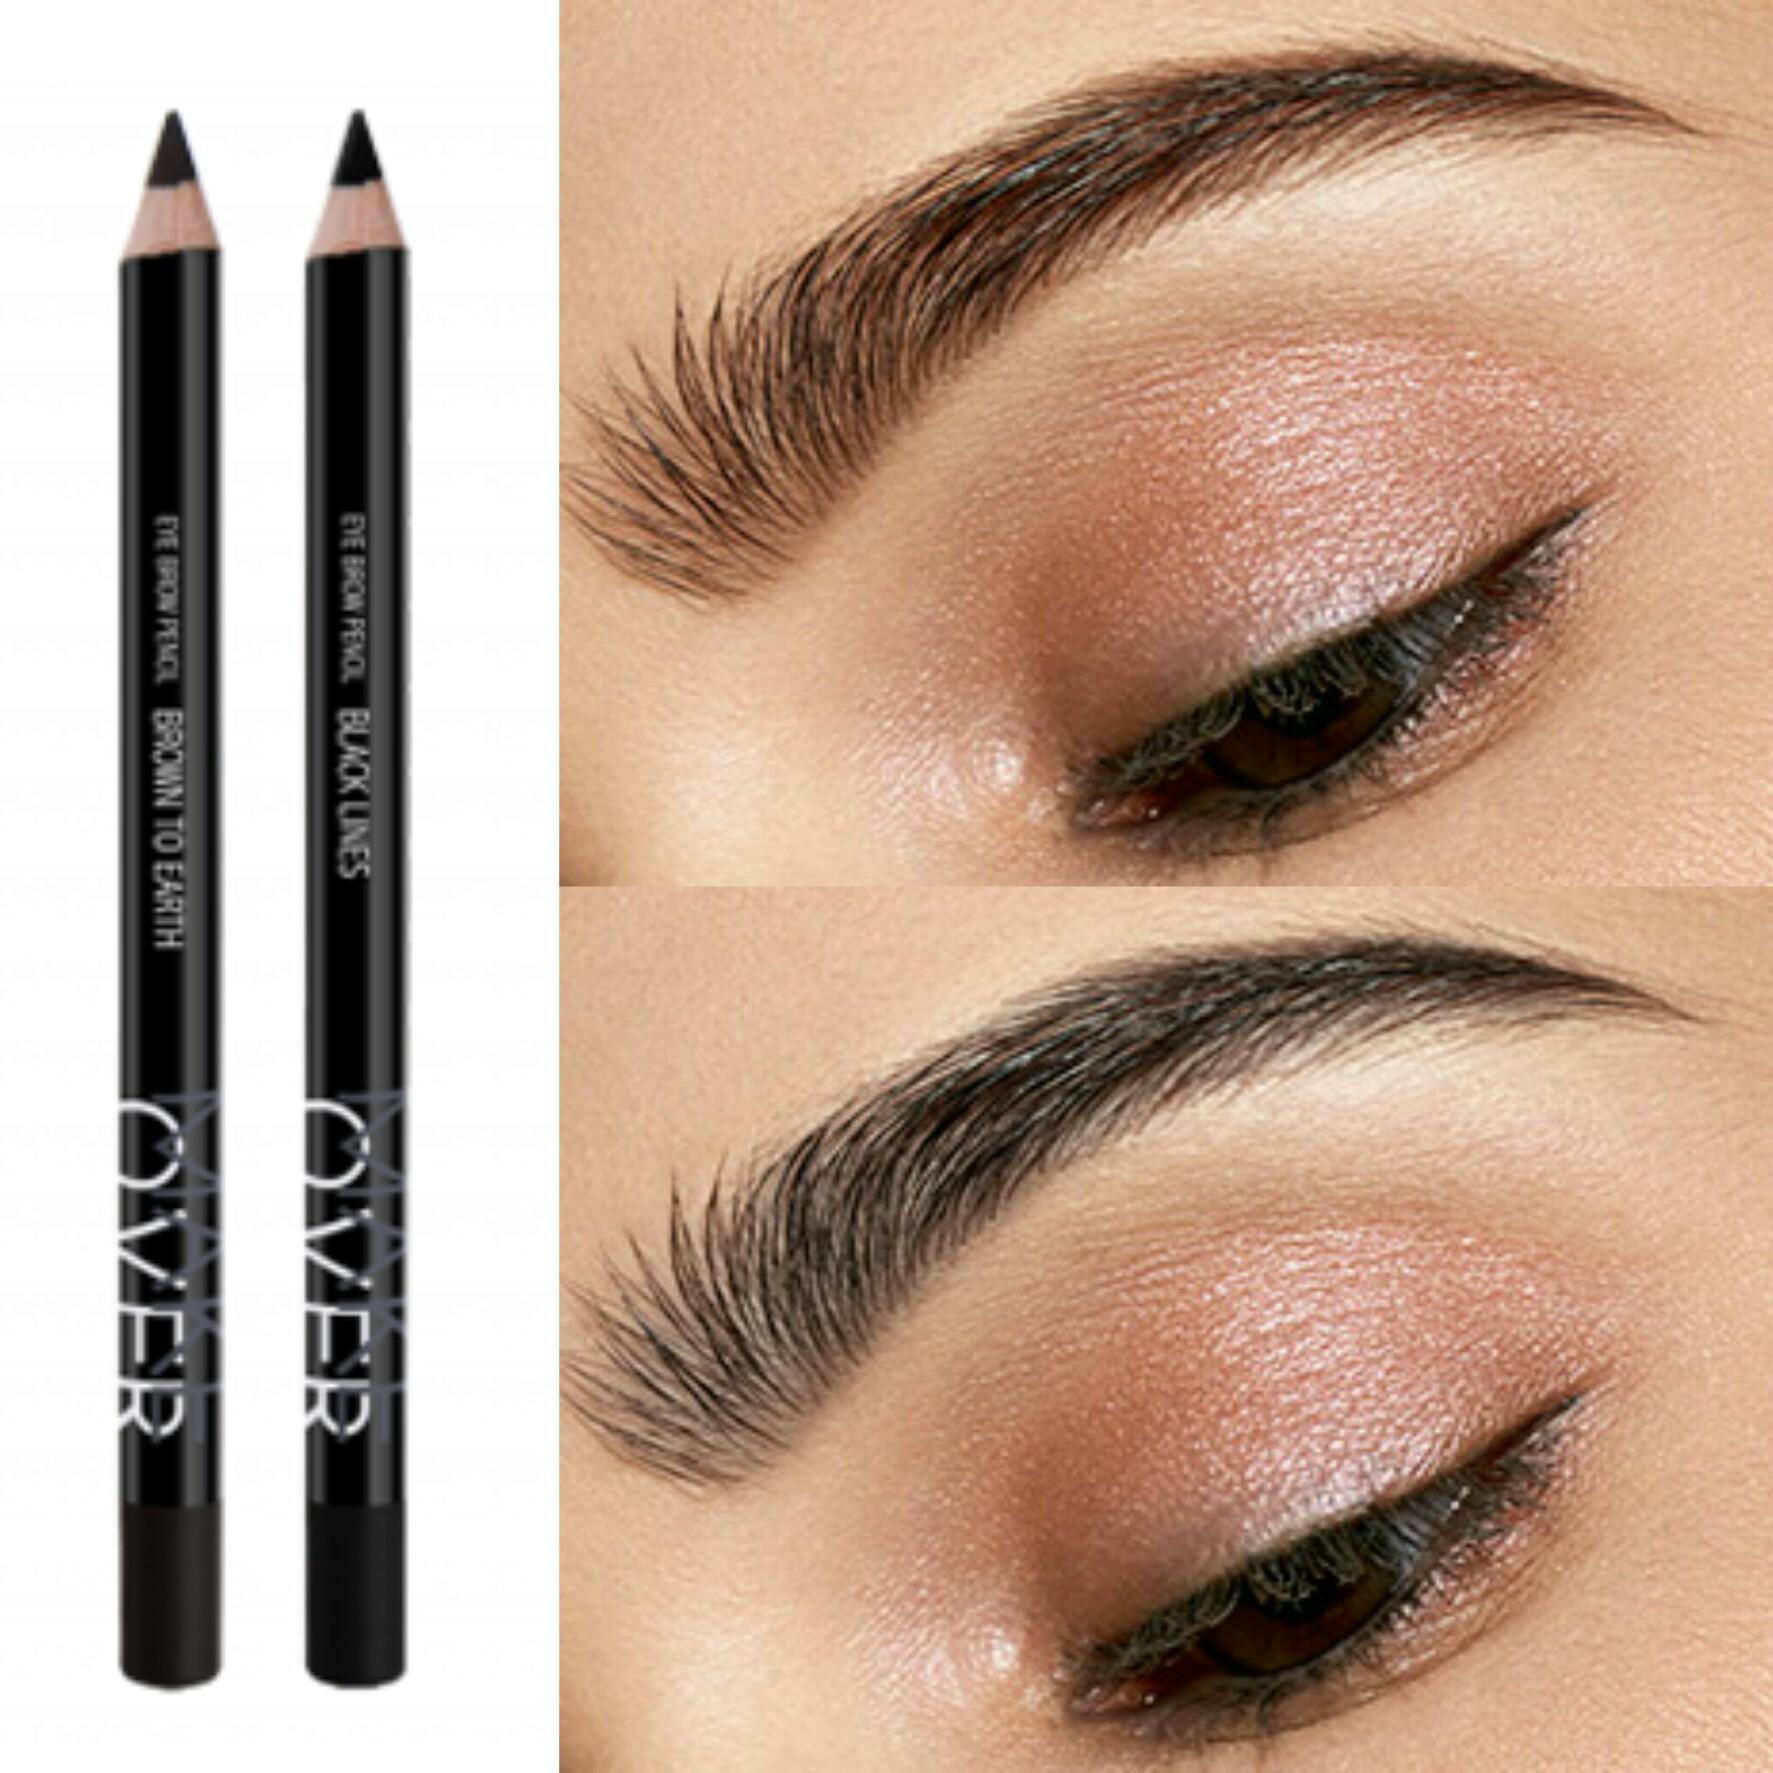 Make Over Eyebrow Pencil Daftar Update Harga Terbaru Indonesia